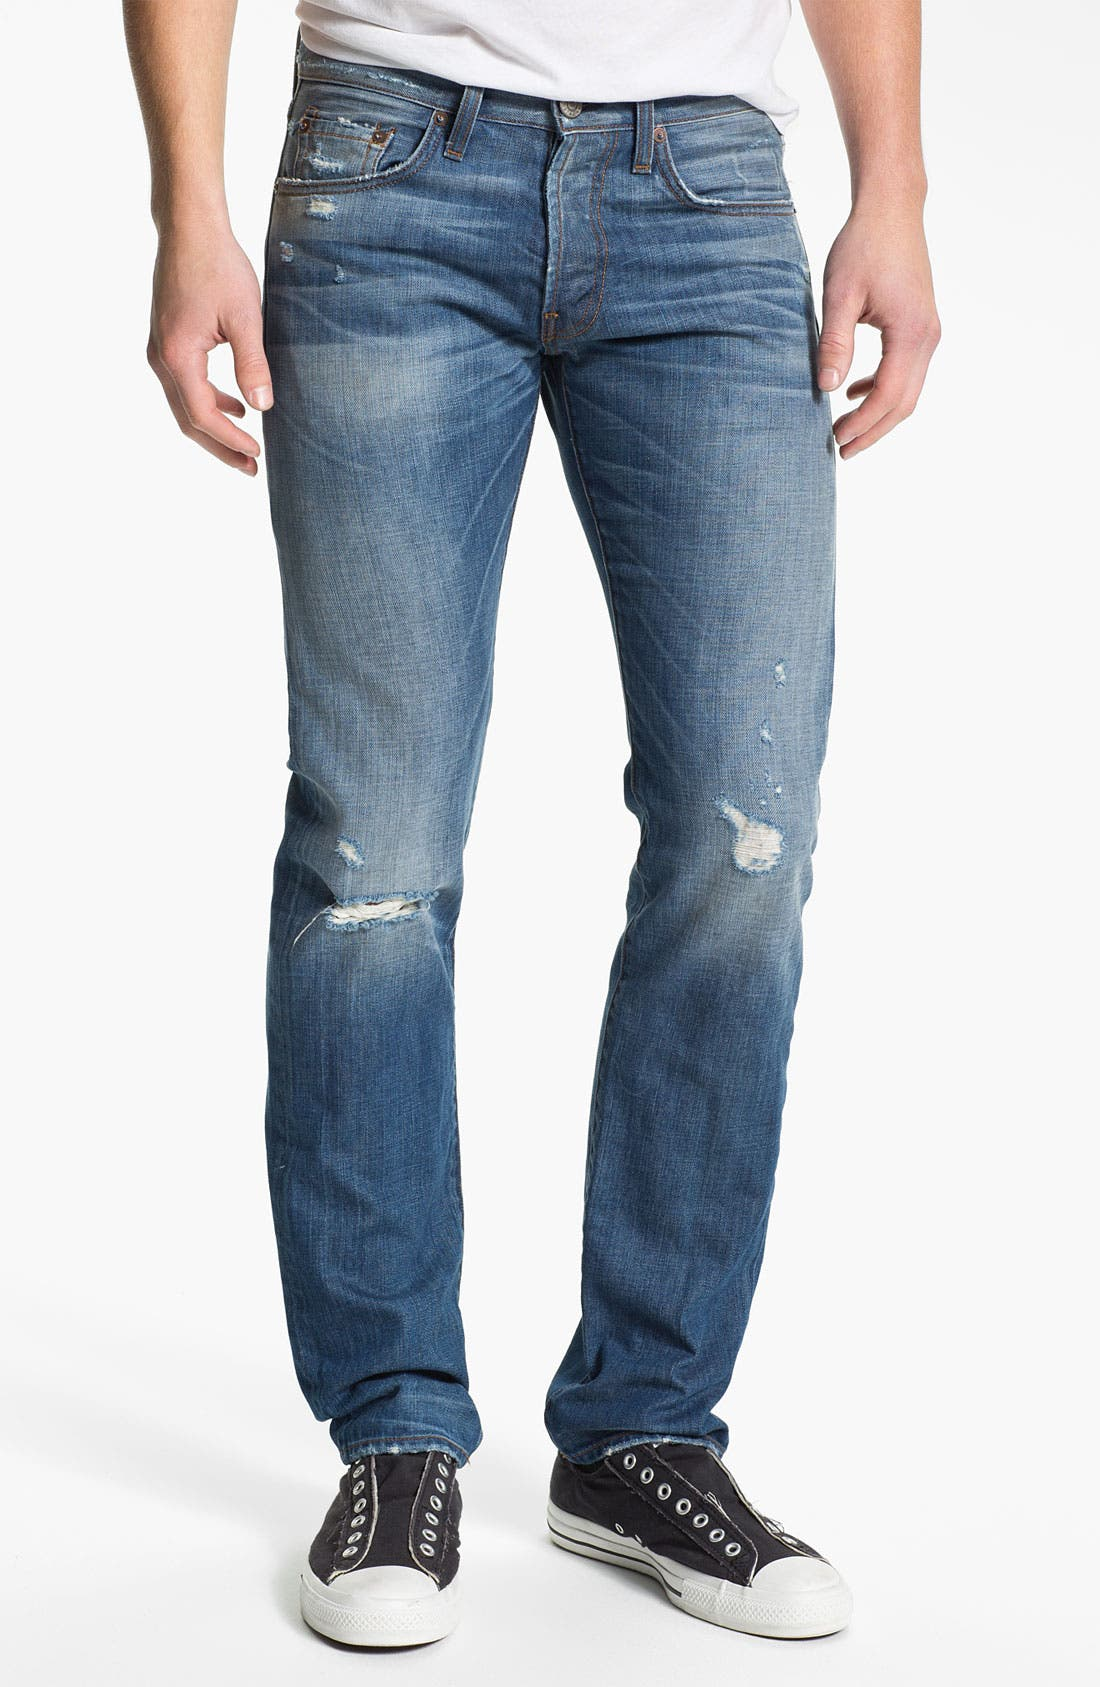 Alternate Image 1 Selected - J Brand 'Tyler' Slim Straight Leg Jeans (Reckless)